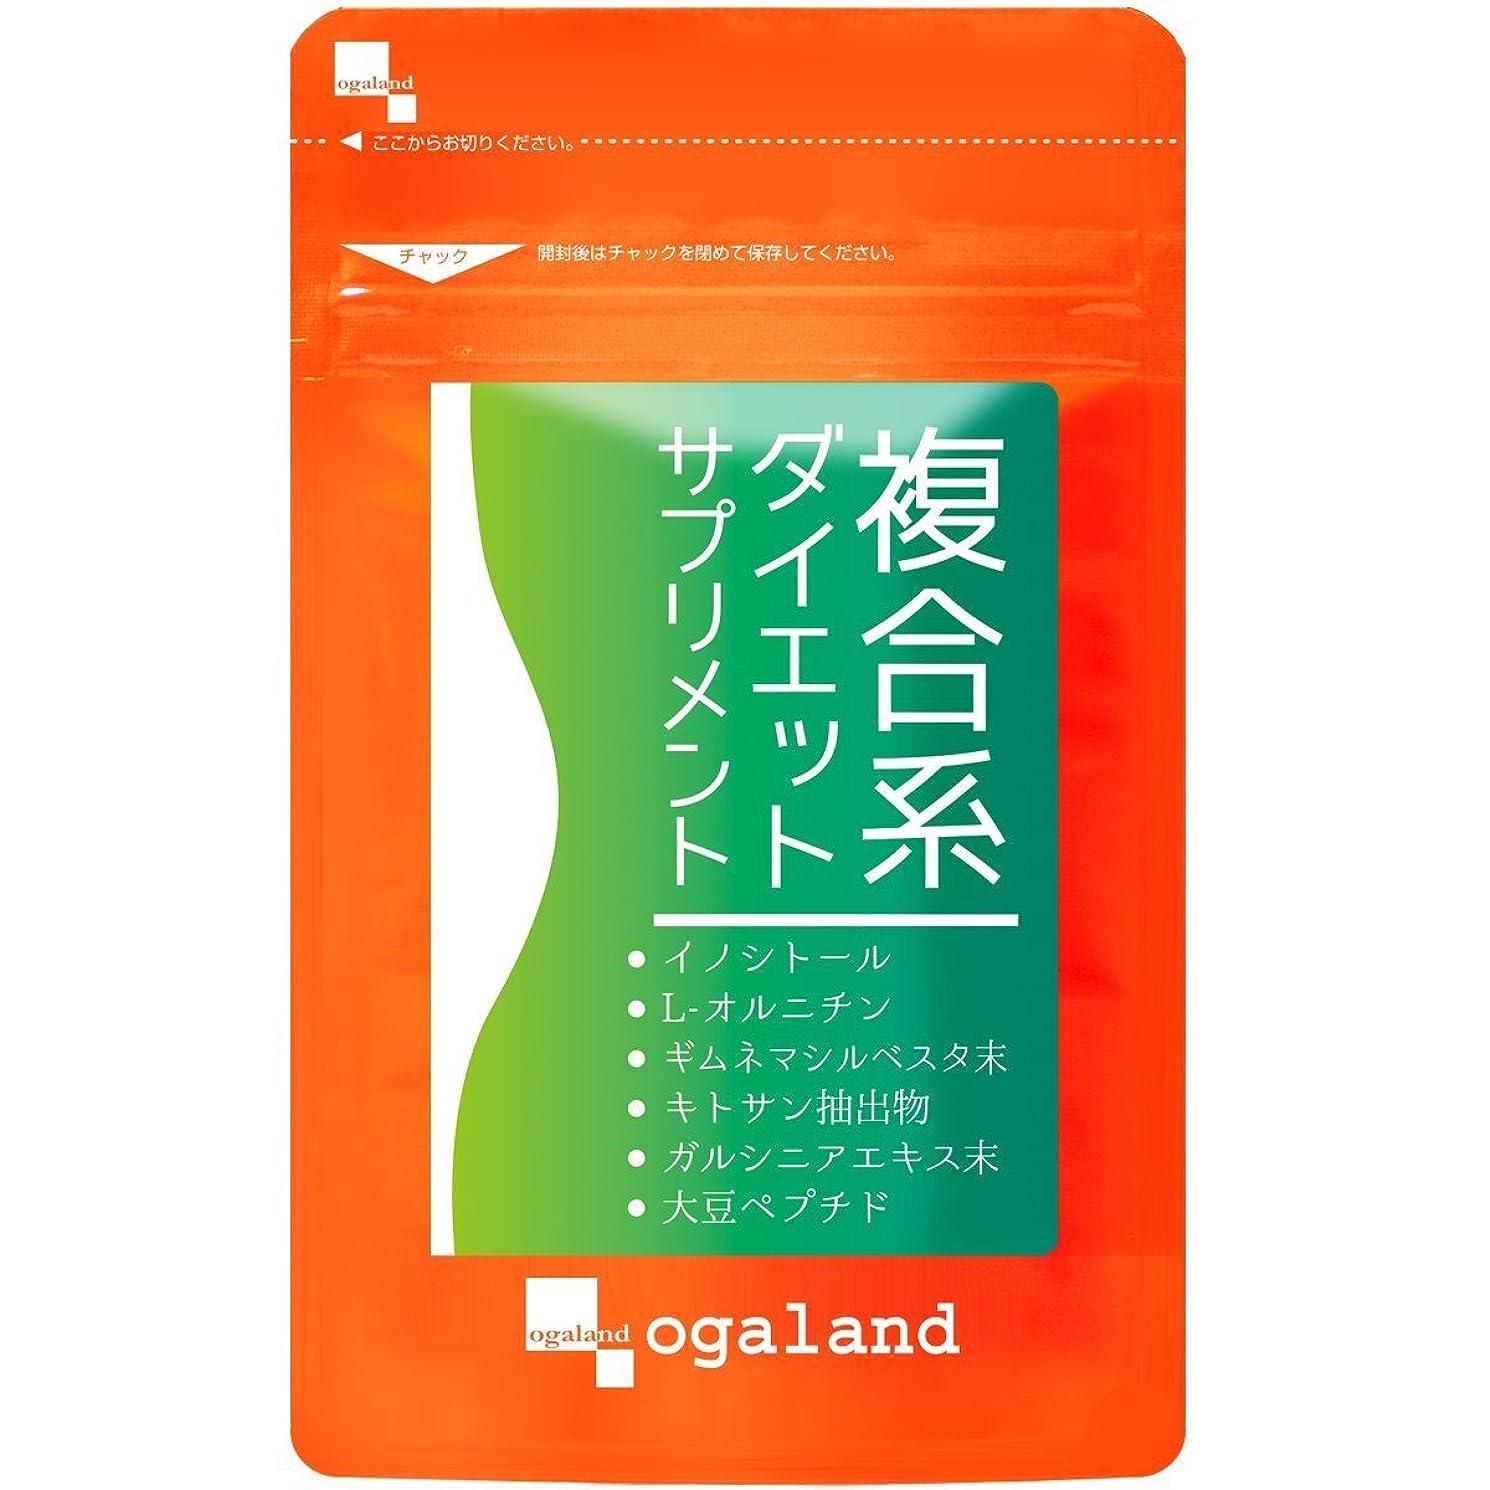 ポルノバウンド三十【Amazon.co.jp限定】複合系ダイエットサプリメント 90粒